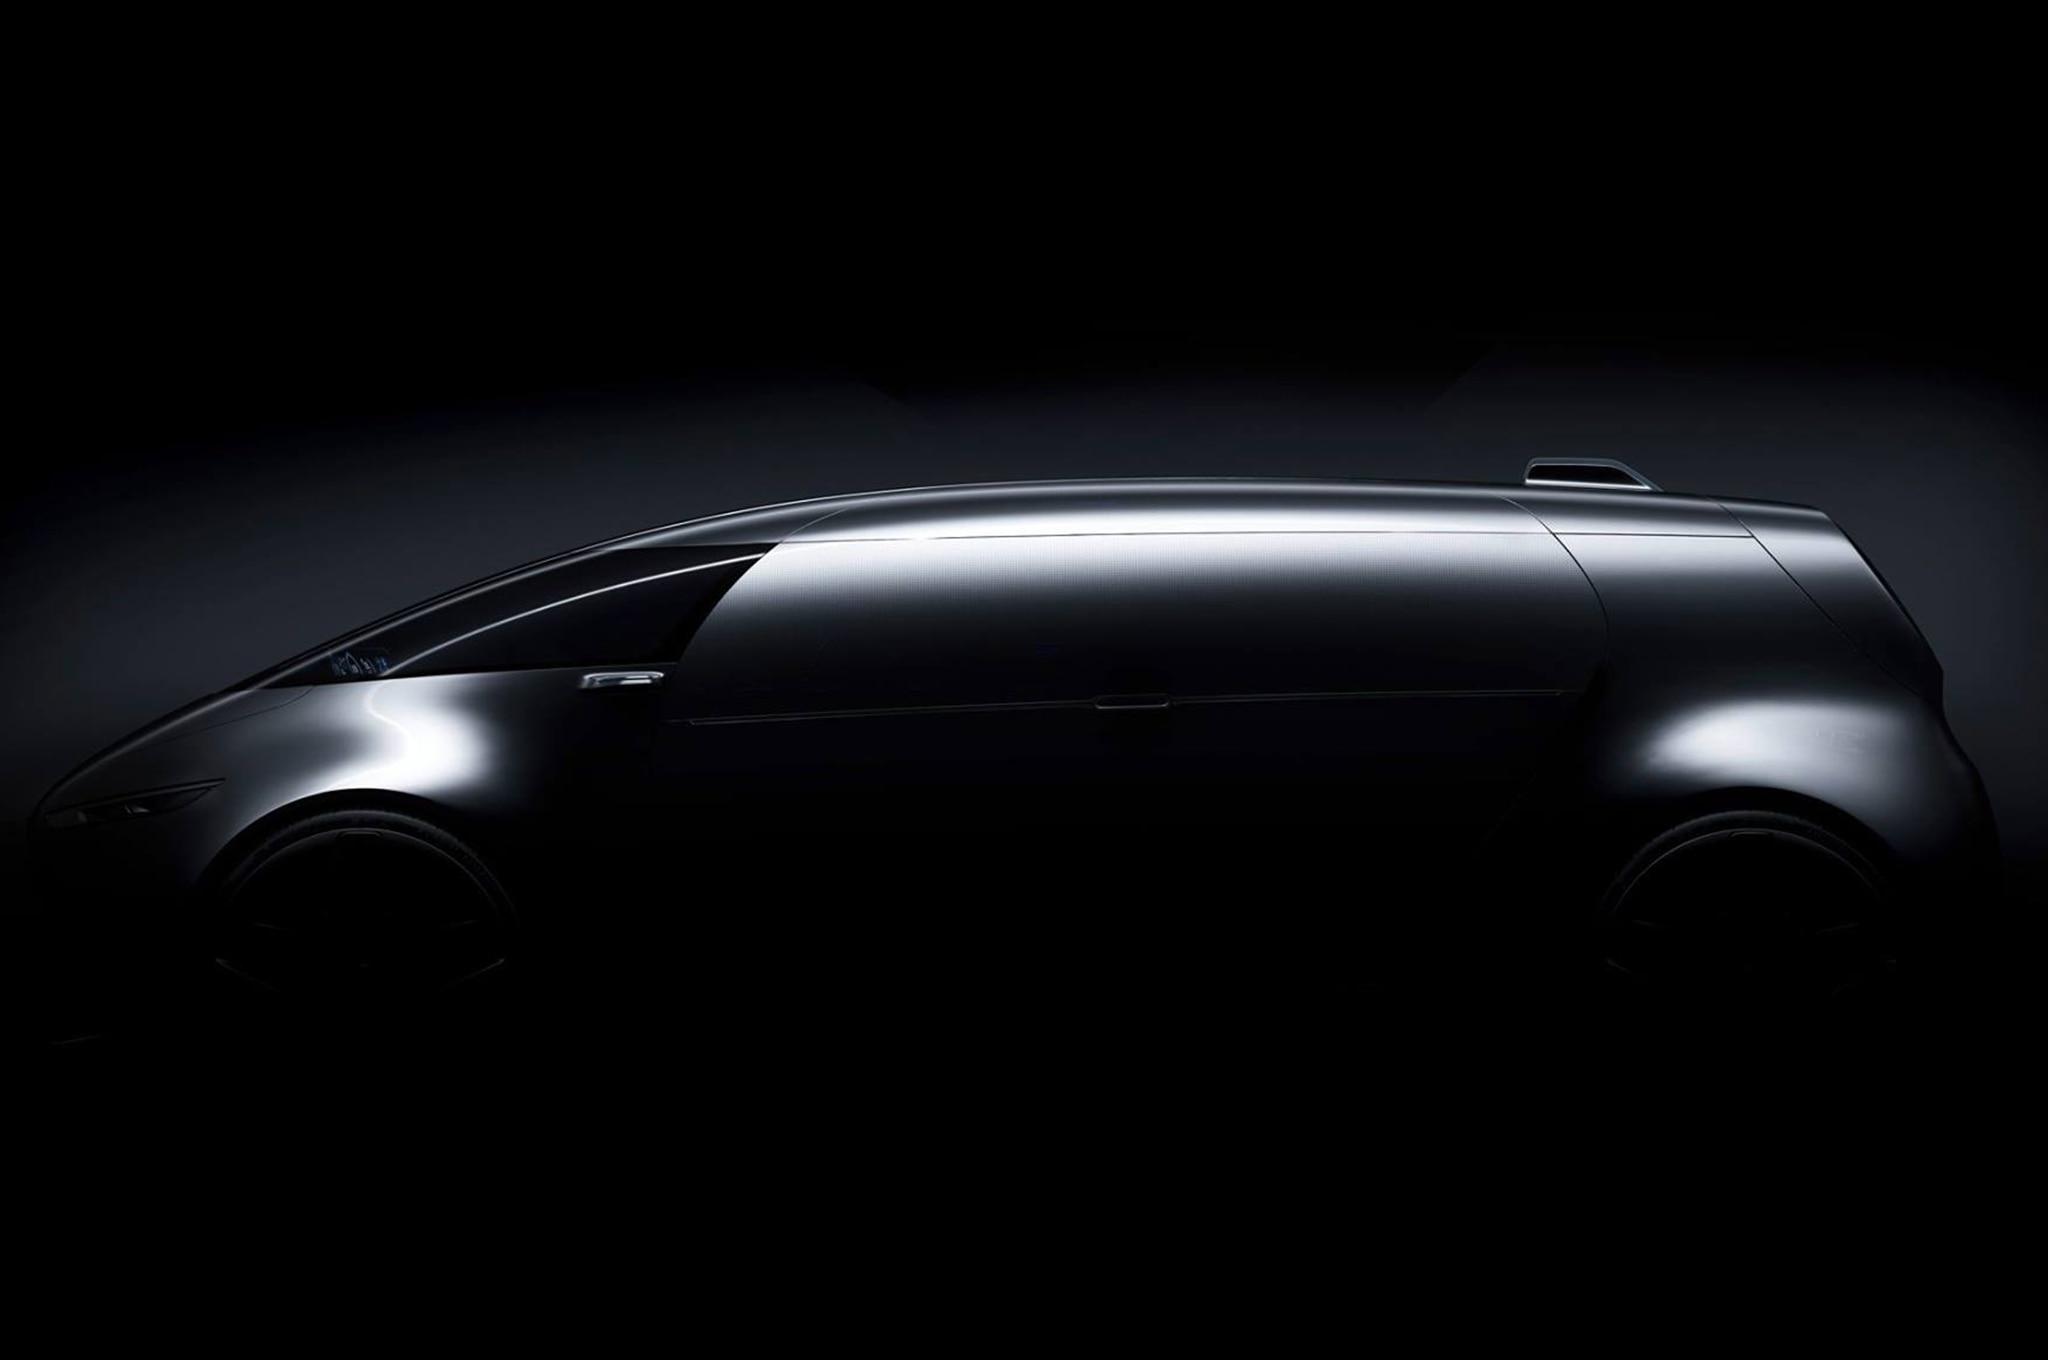 Mercedes Benz Vision Tokyo Teaser